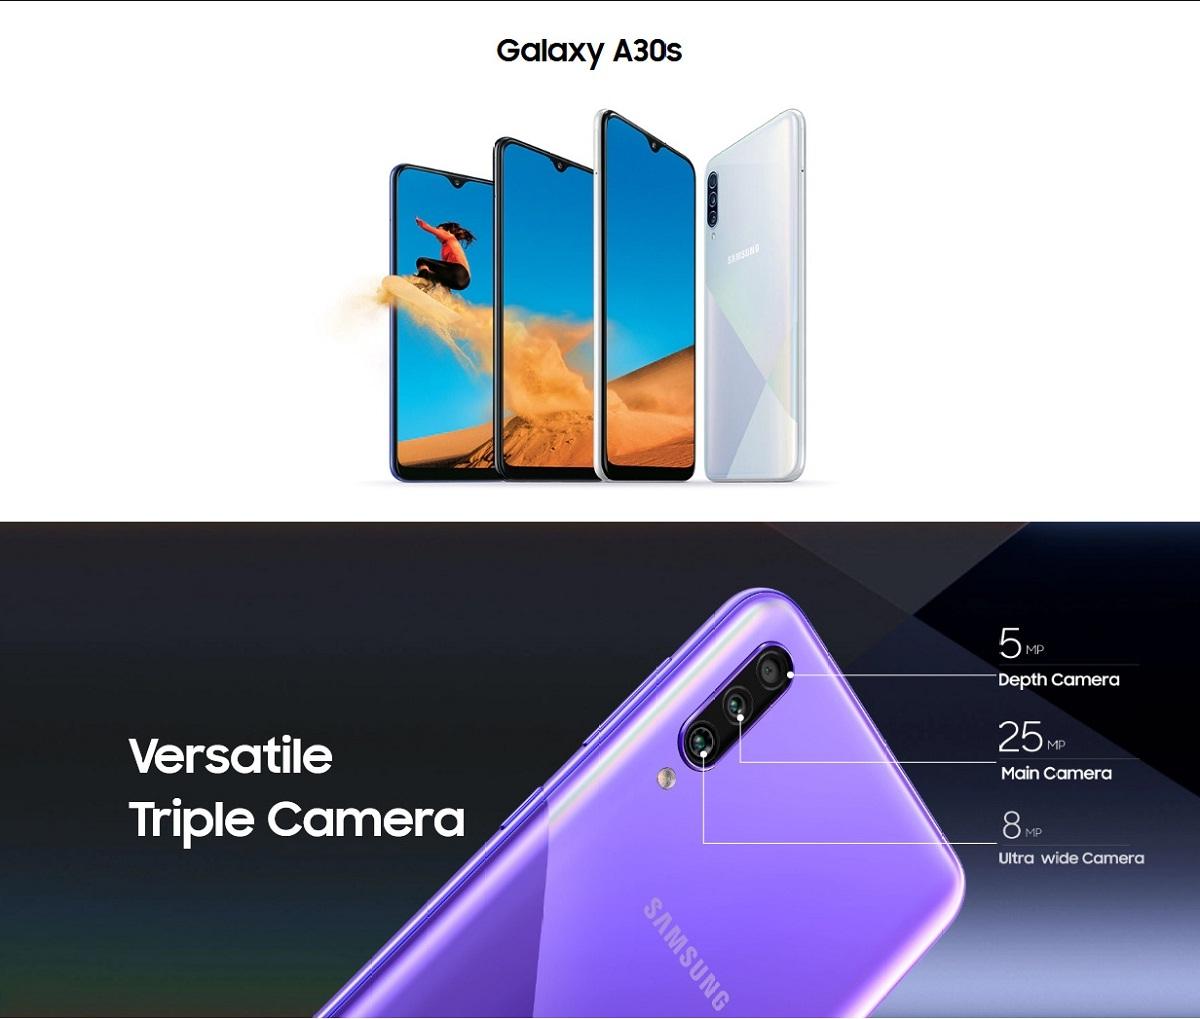 Galaxy A30s